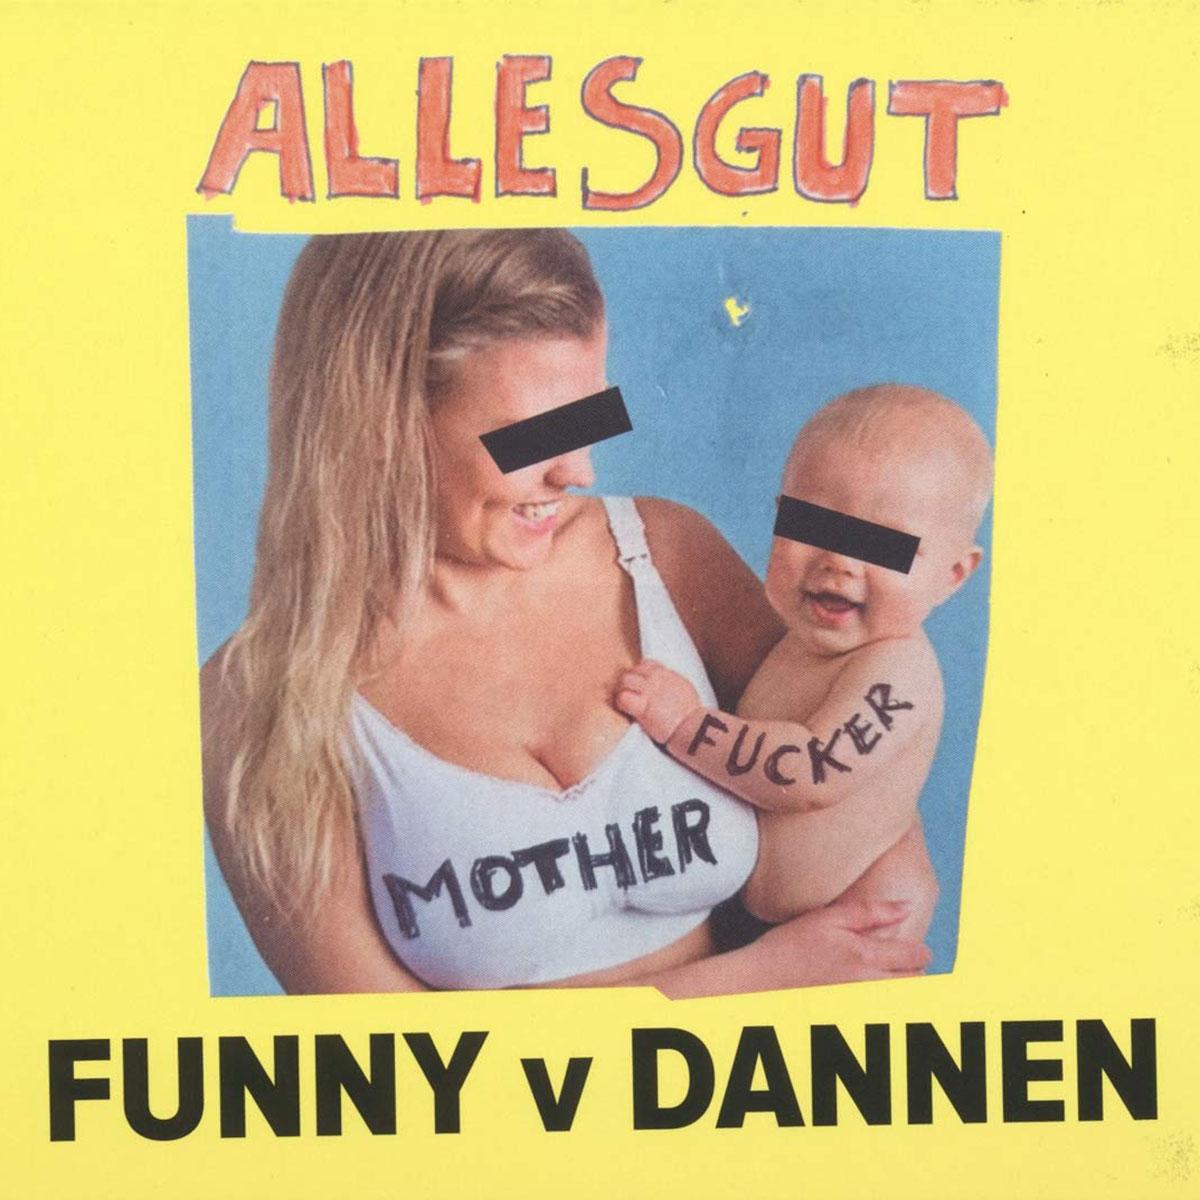 Funny van Dannen - Alles Gut Motherfucker